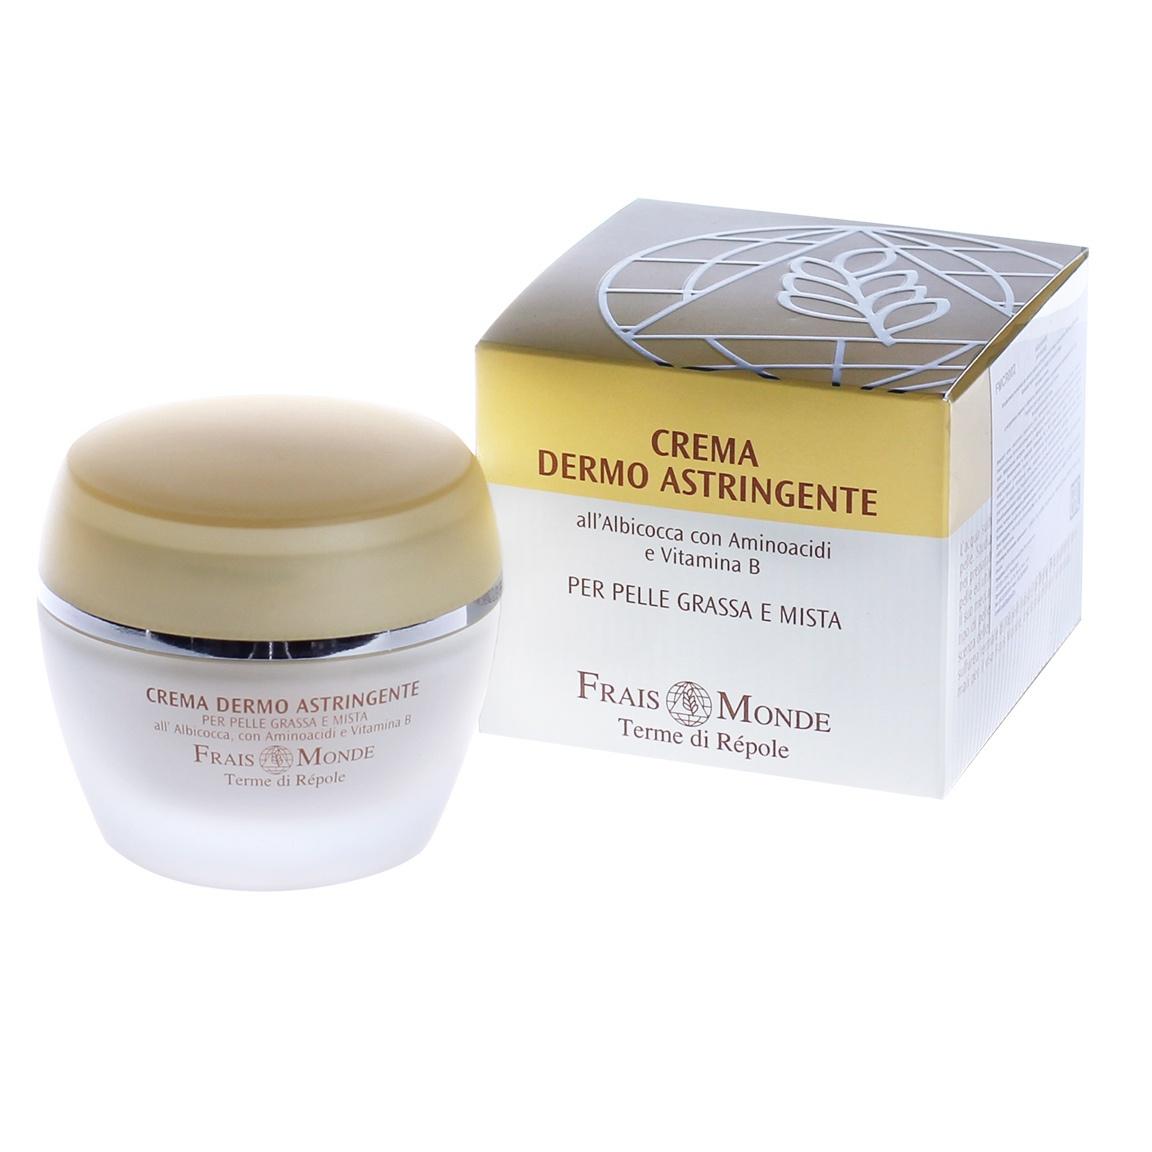 Frais Monde Очищающий дневной крем для лица с натуральными экстрактами (для жирной и смешанной кожи), подходит как основа под макияж, 50 мл